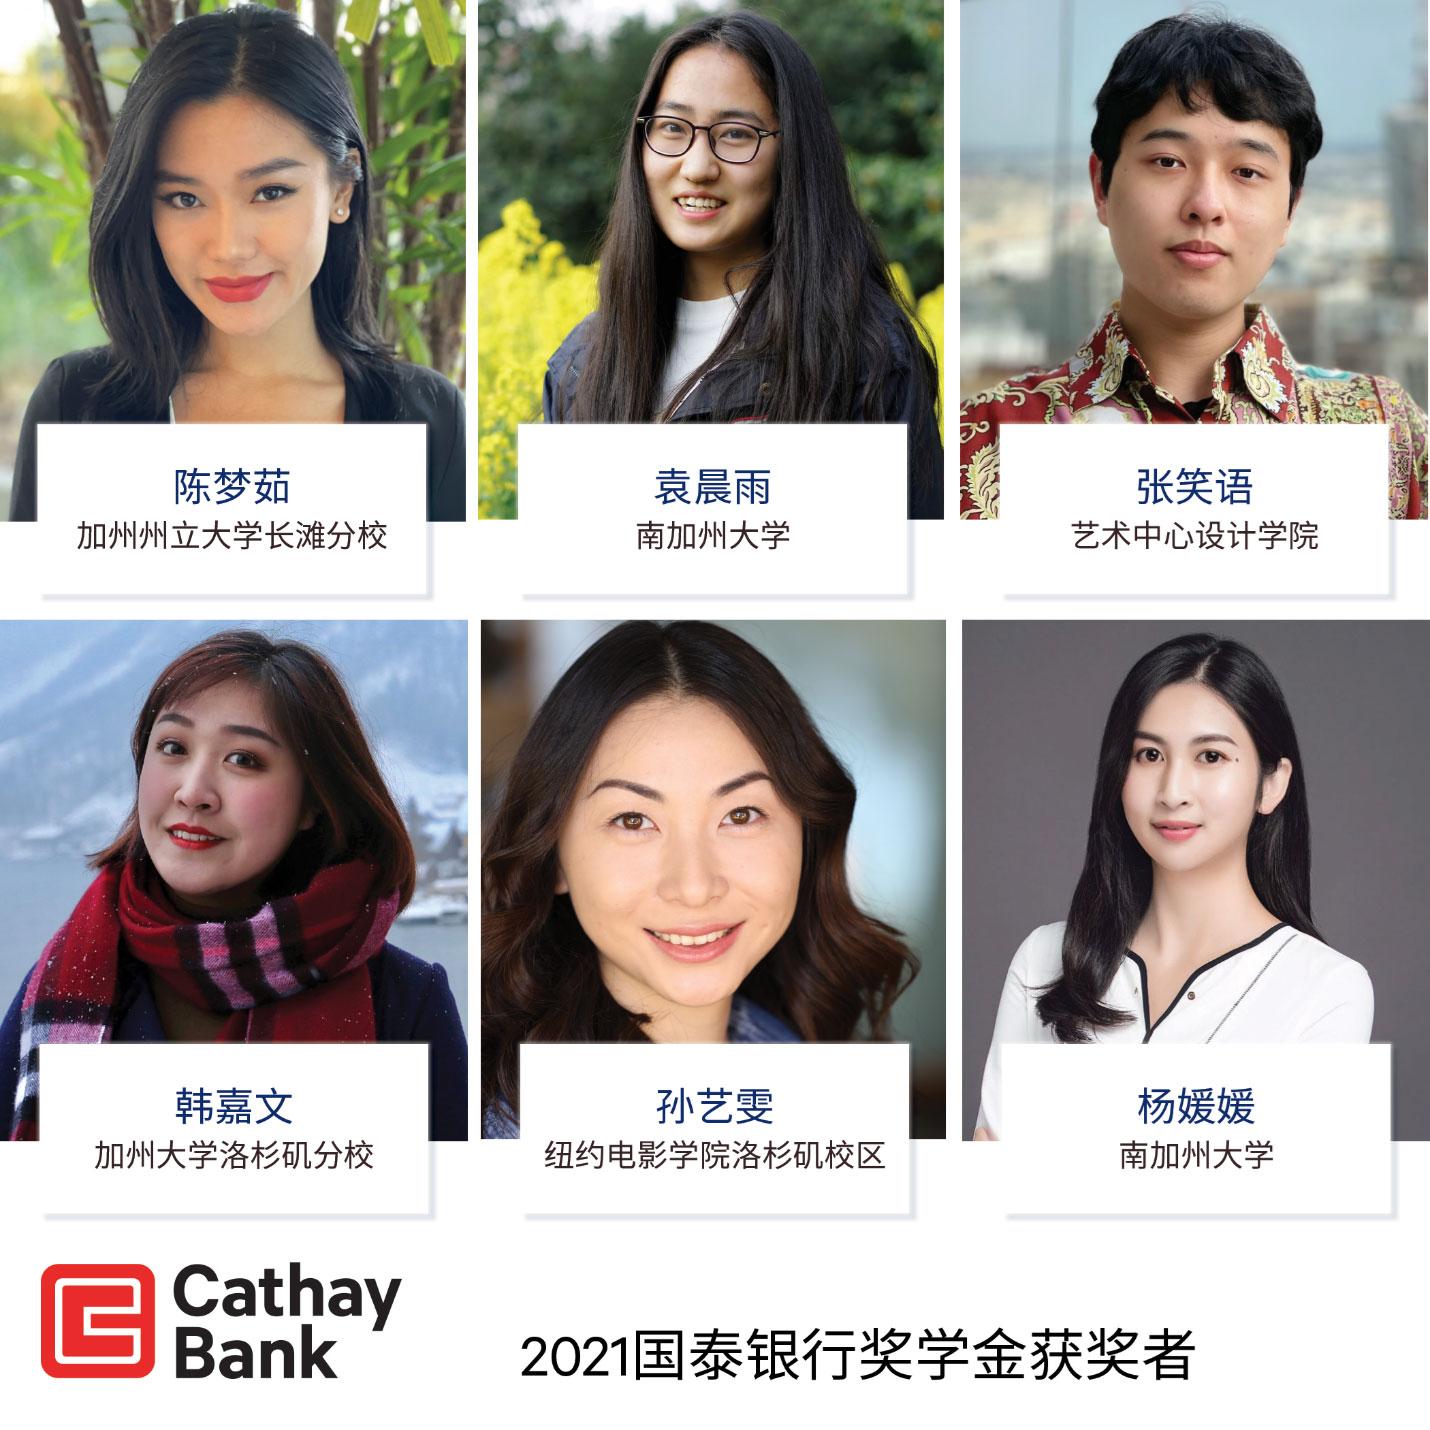 国泰银行公布2021年度国泰银行奖学金获奖名单